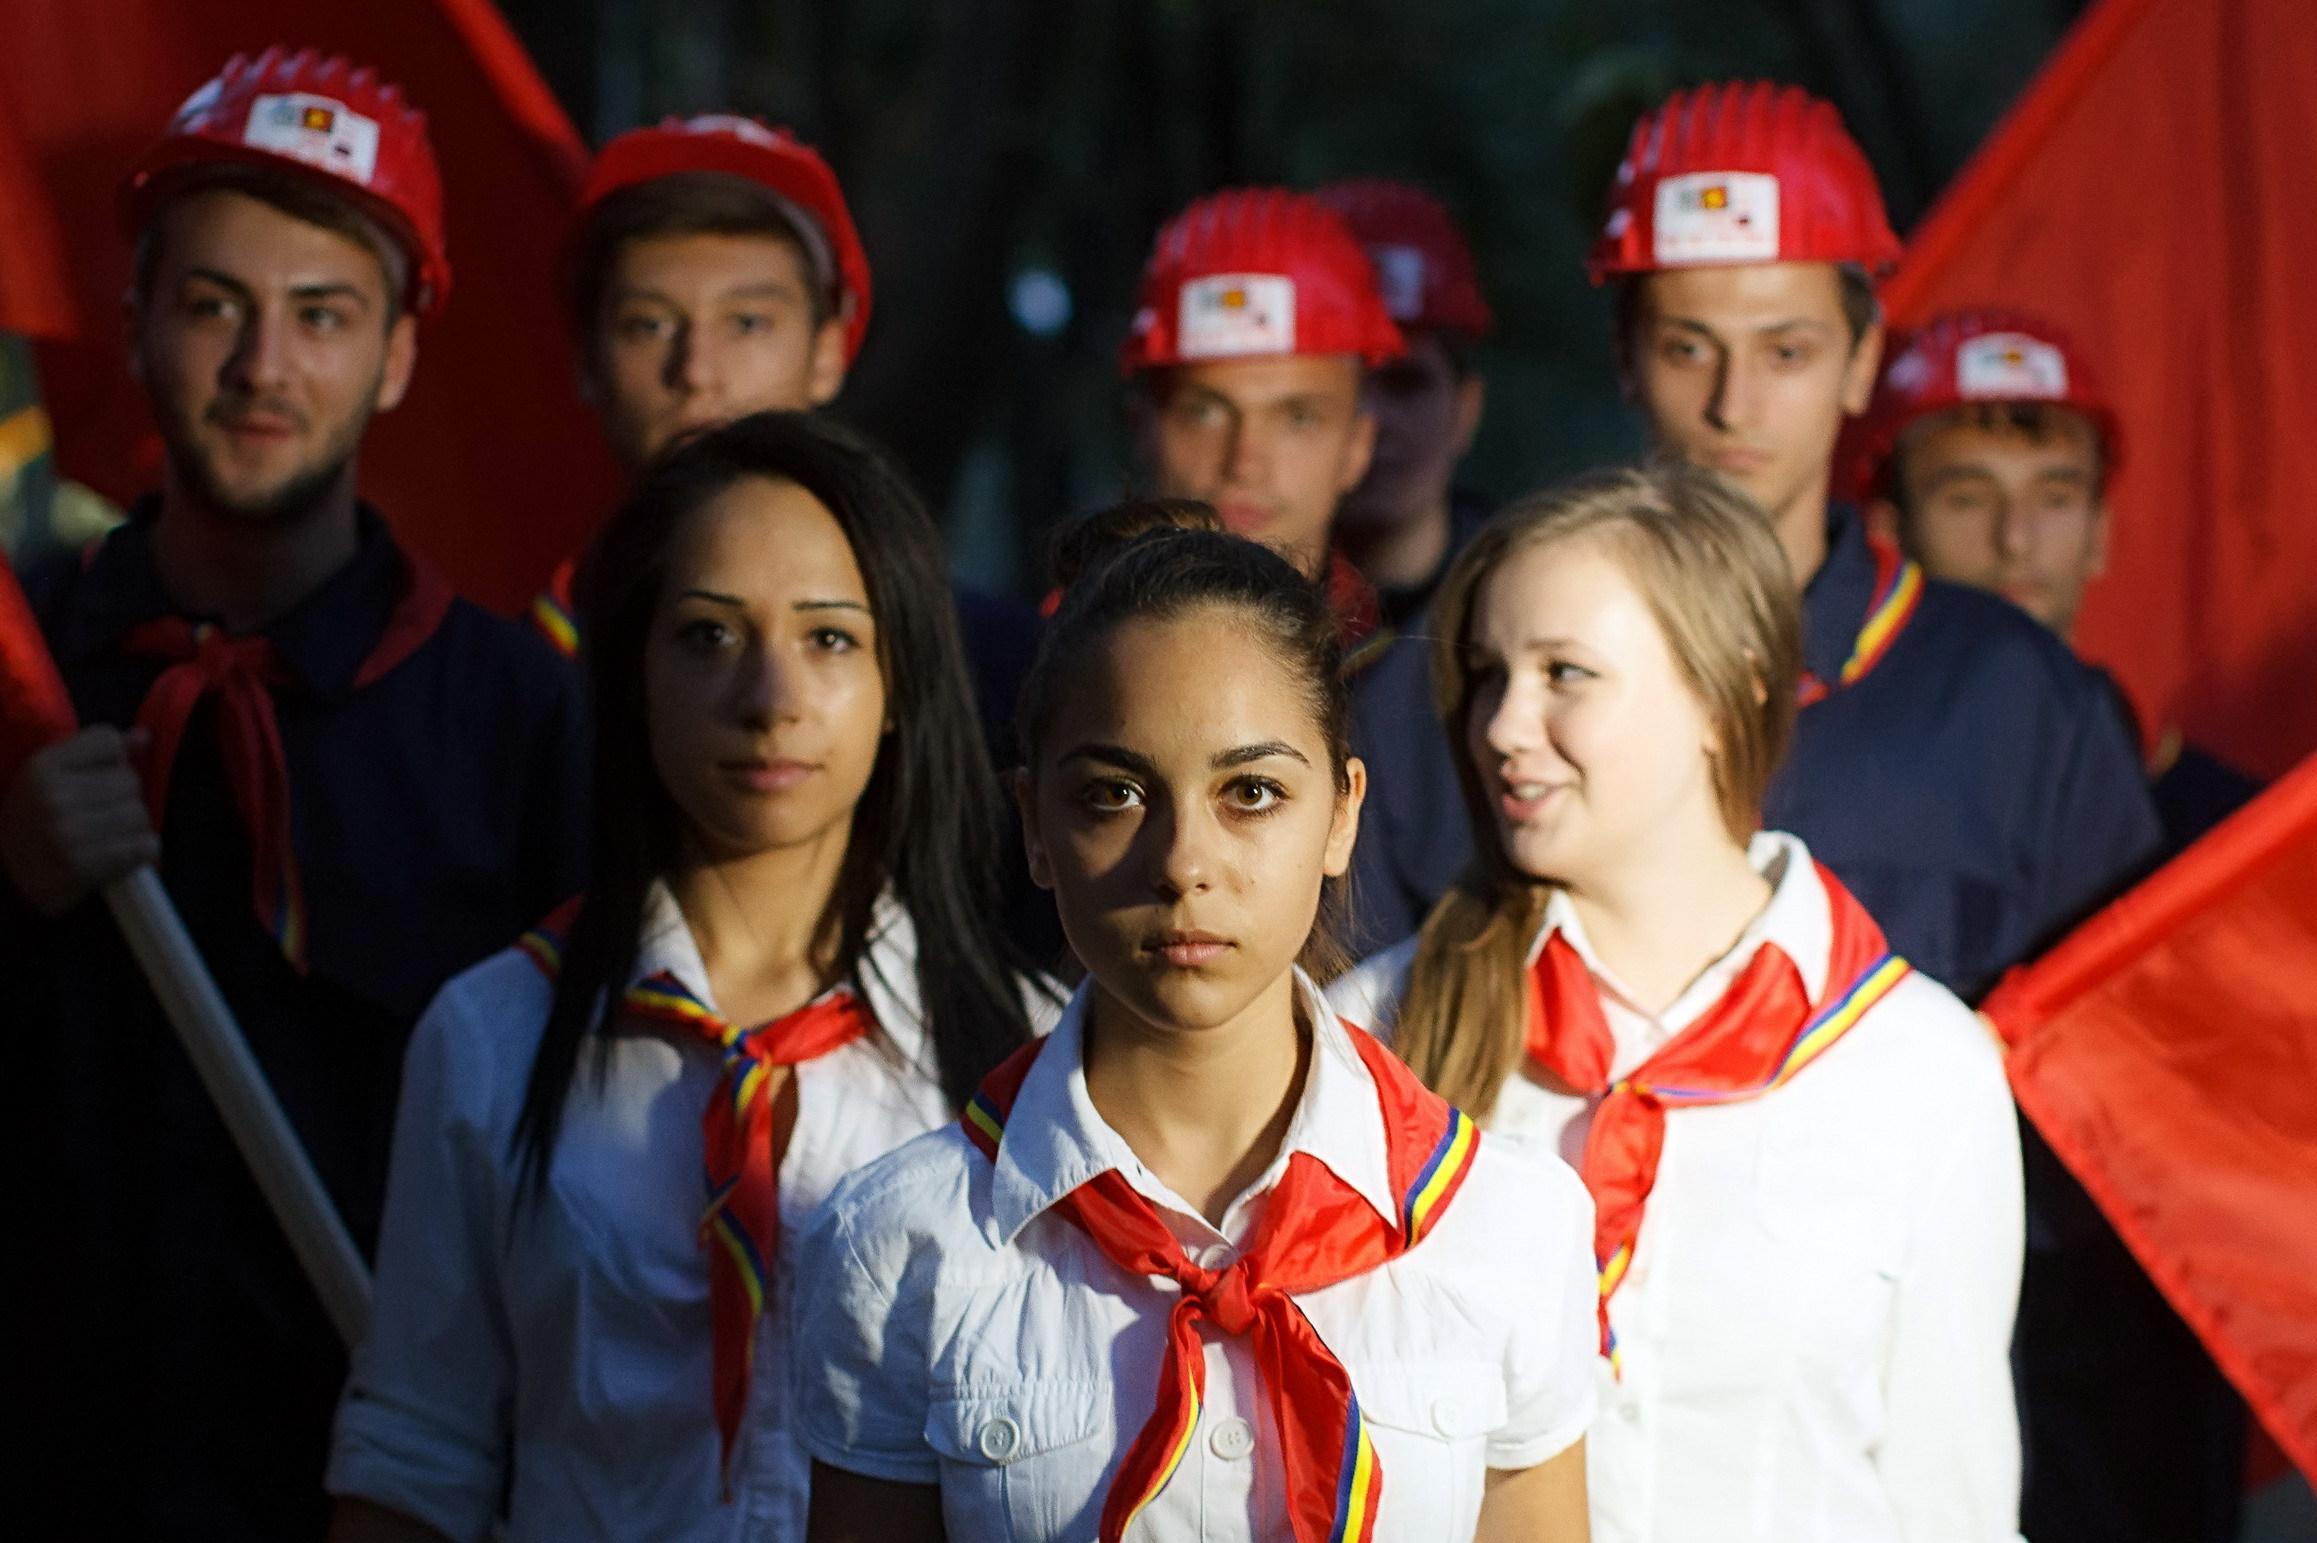 #CentenarulRosu | Mesajele comuniştilor transmise prin cântece. Cum se comandau odele pentru Ceauşescu